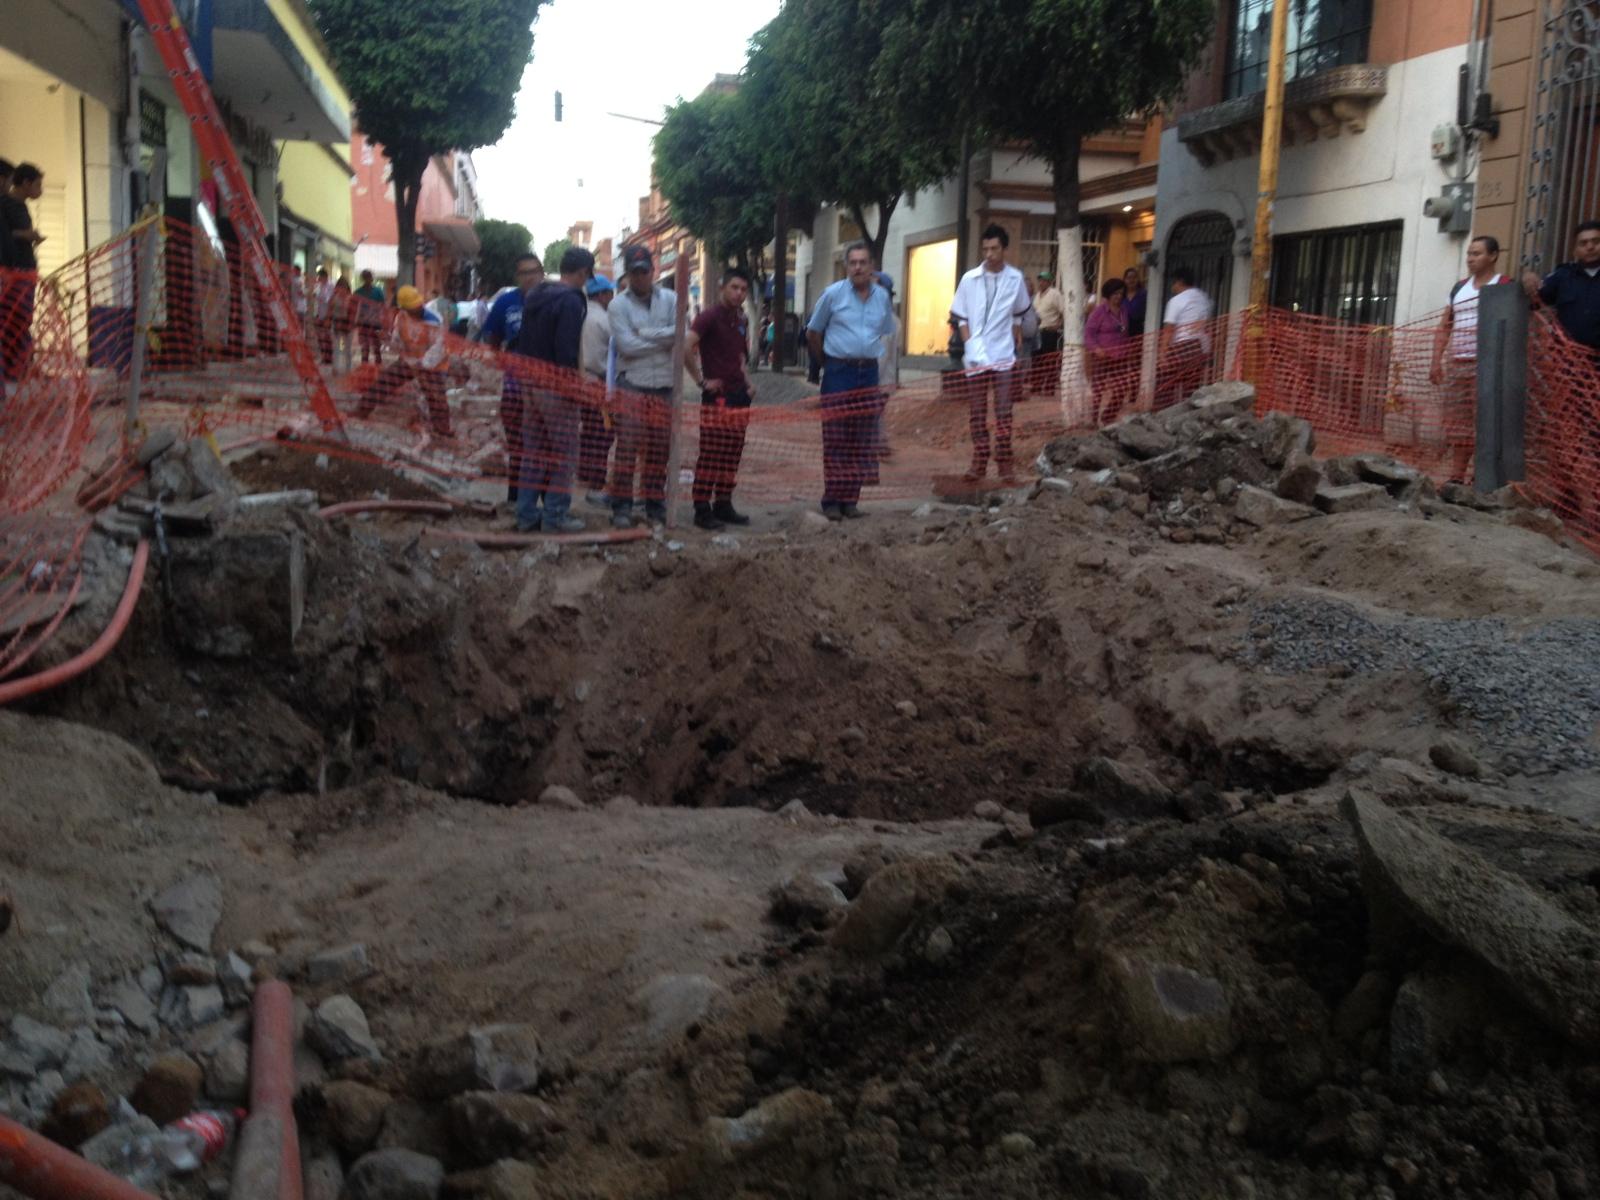 DESCUBREN TUNELES EN CALLE HERMANOS ALDAMA EN LEON GUANAJUATO 25-03-2014 14m5a80